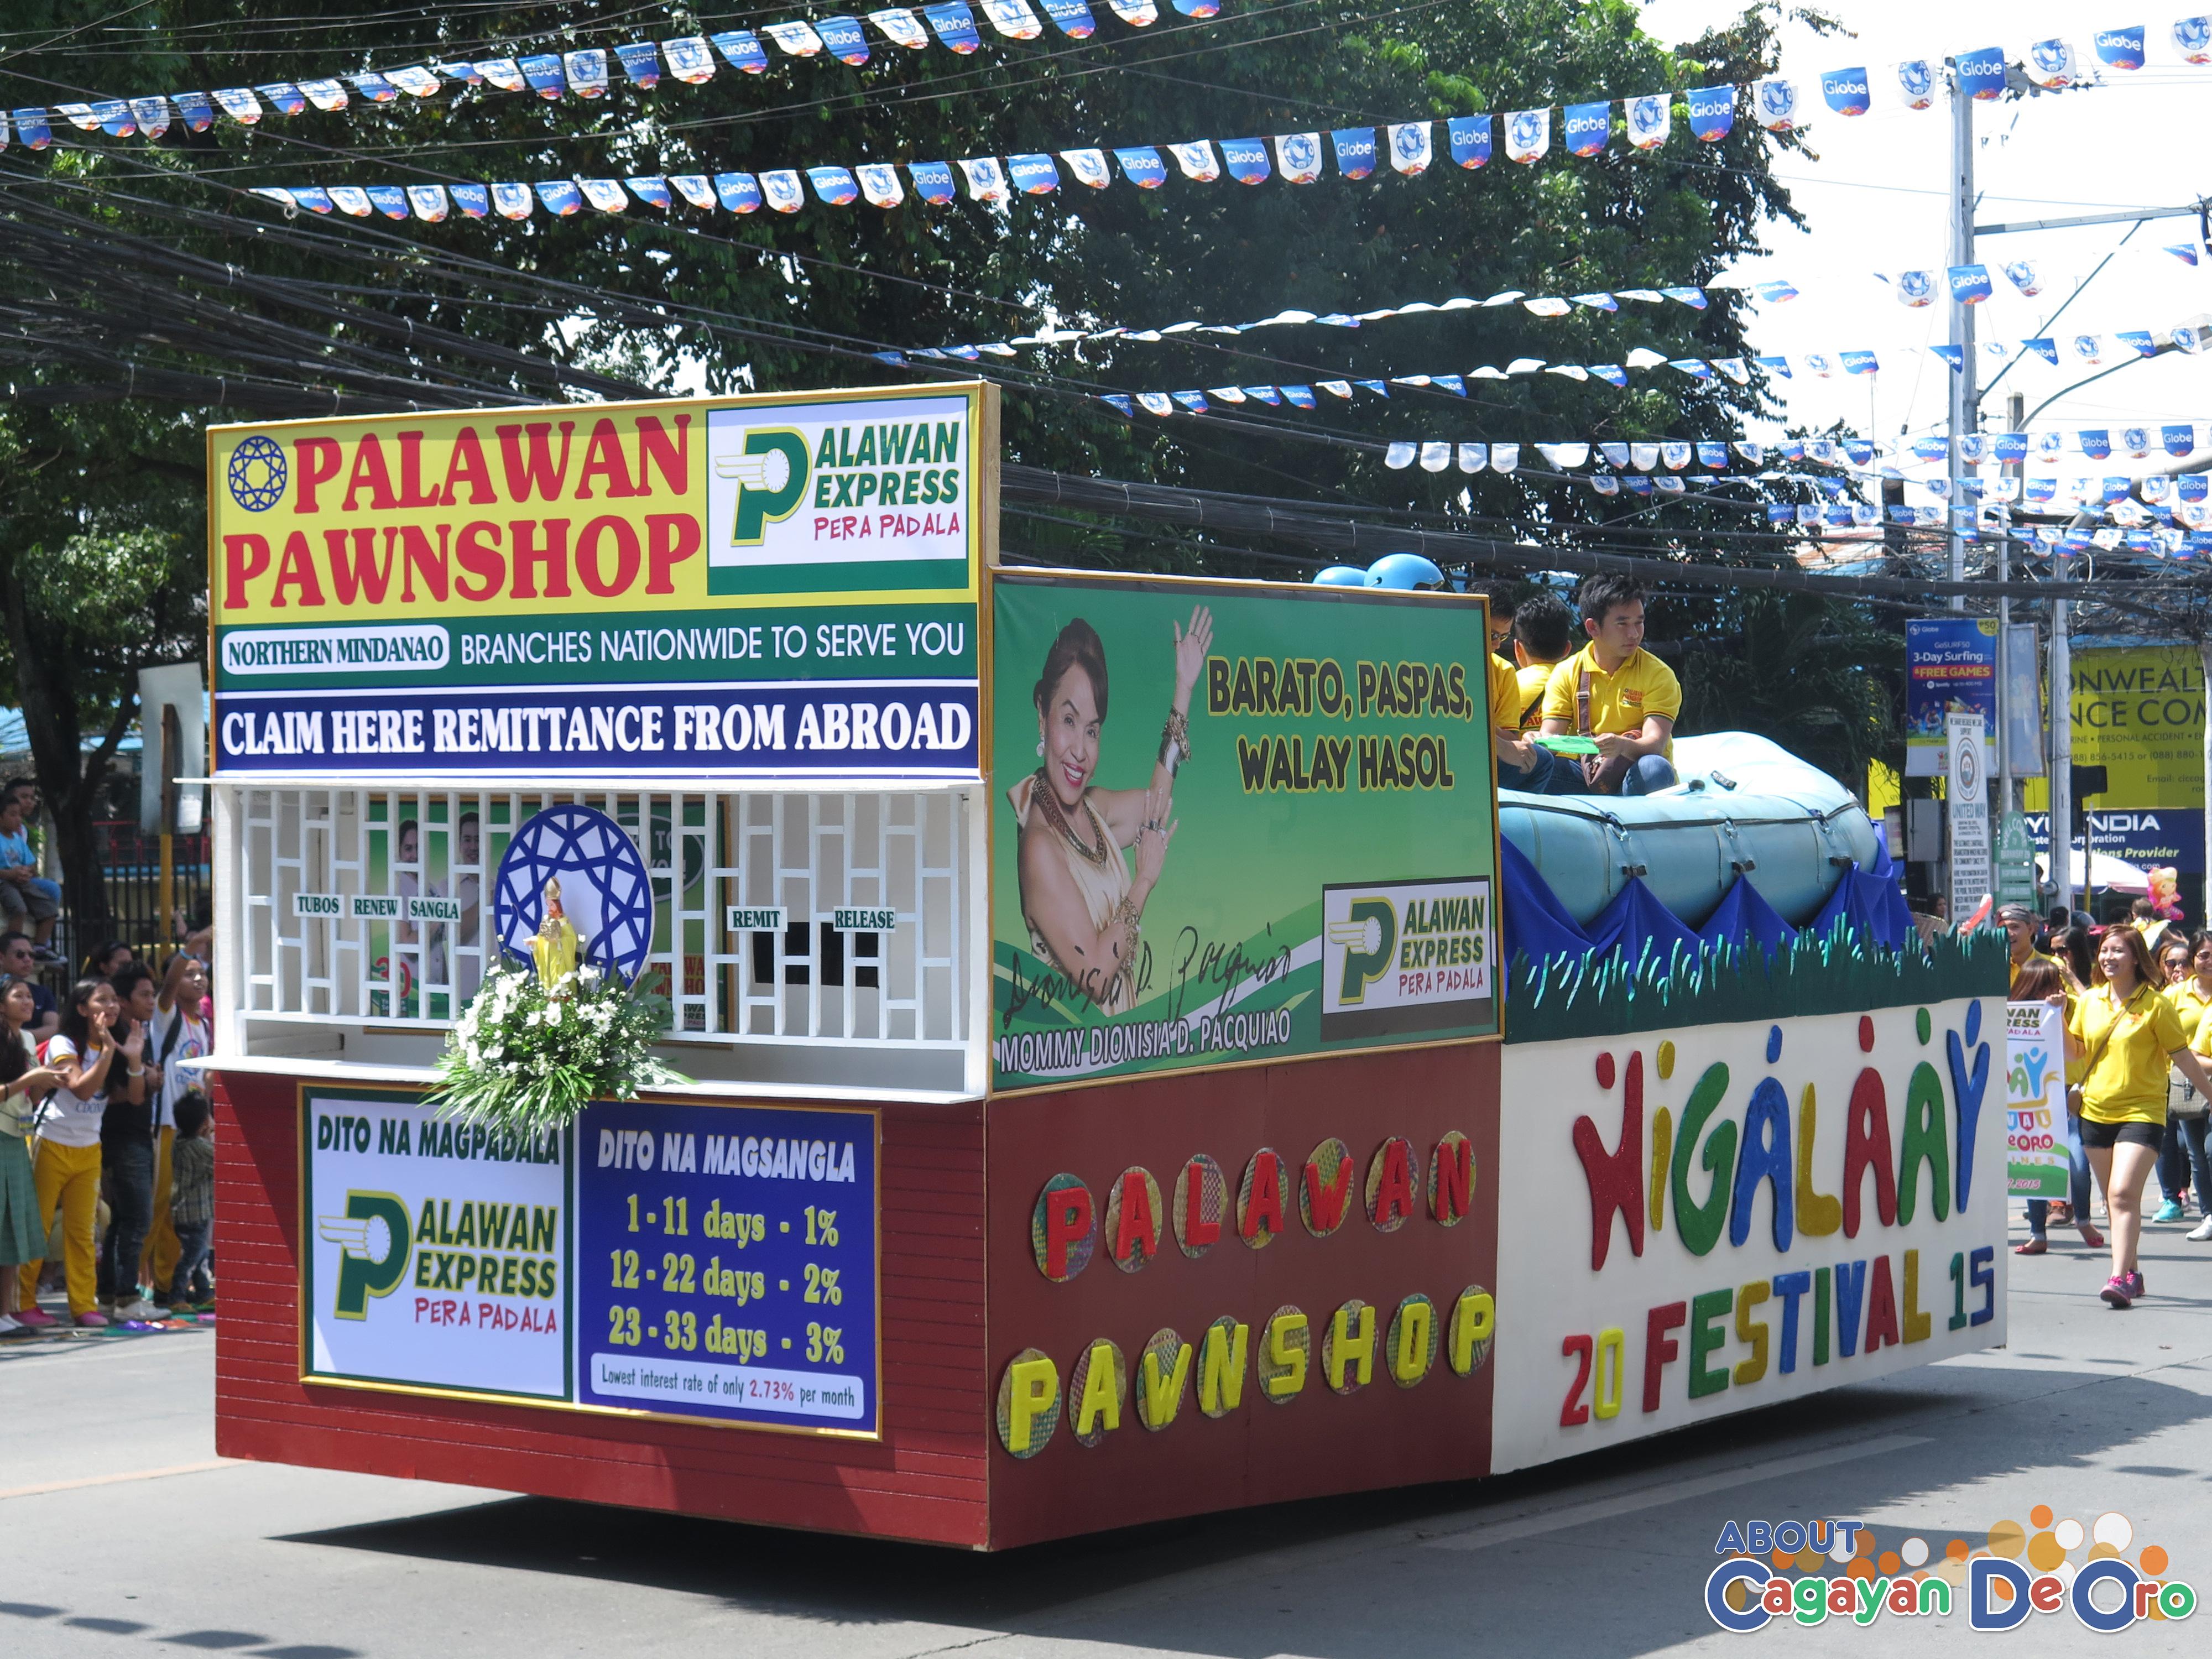 Palawan Pawnshop at Cagayan de Oro The Higalas Parade of Floats and Icons 2015